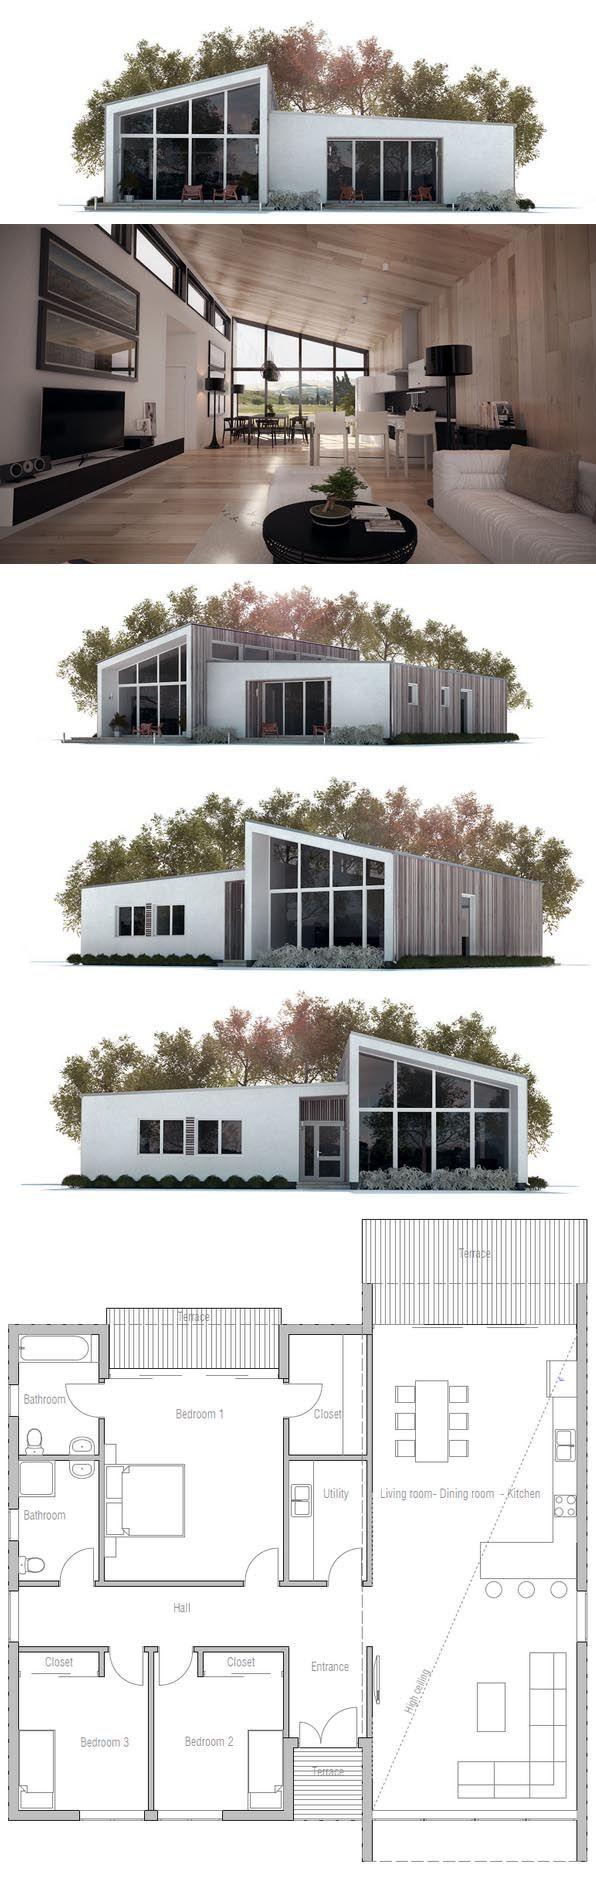 Les 25 meilleures idées de la catégorie plans de maison de bungalows modernes sur pinterest bungalow moderne plans de petites maisons et petits